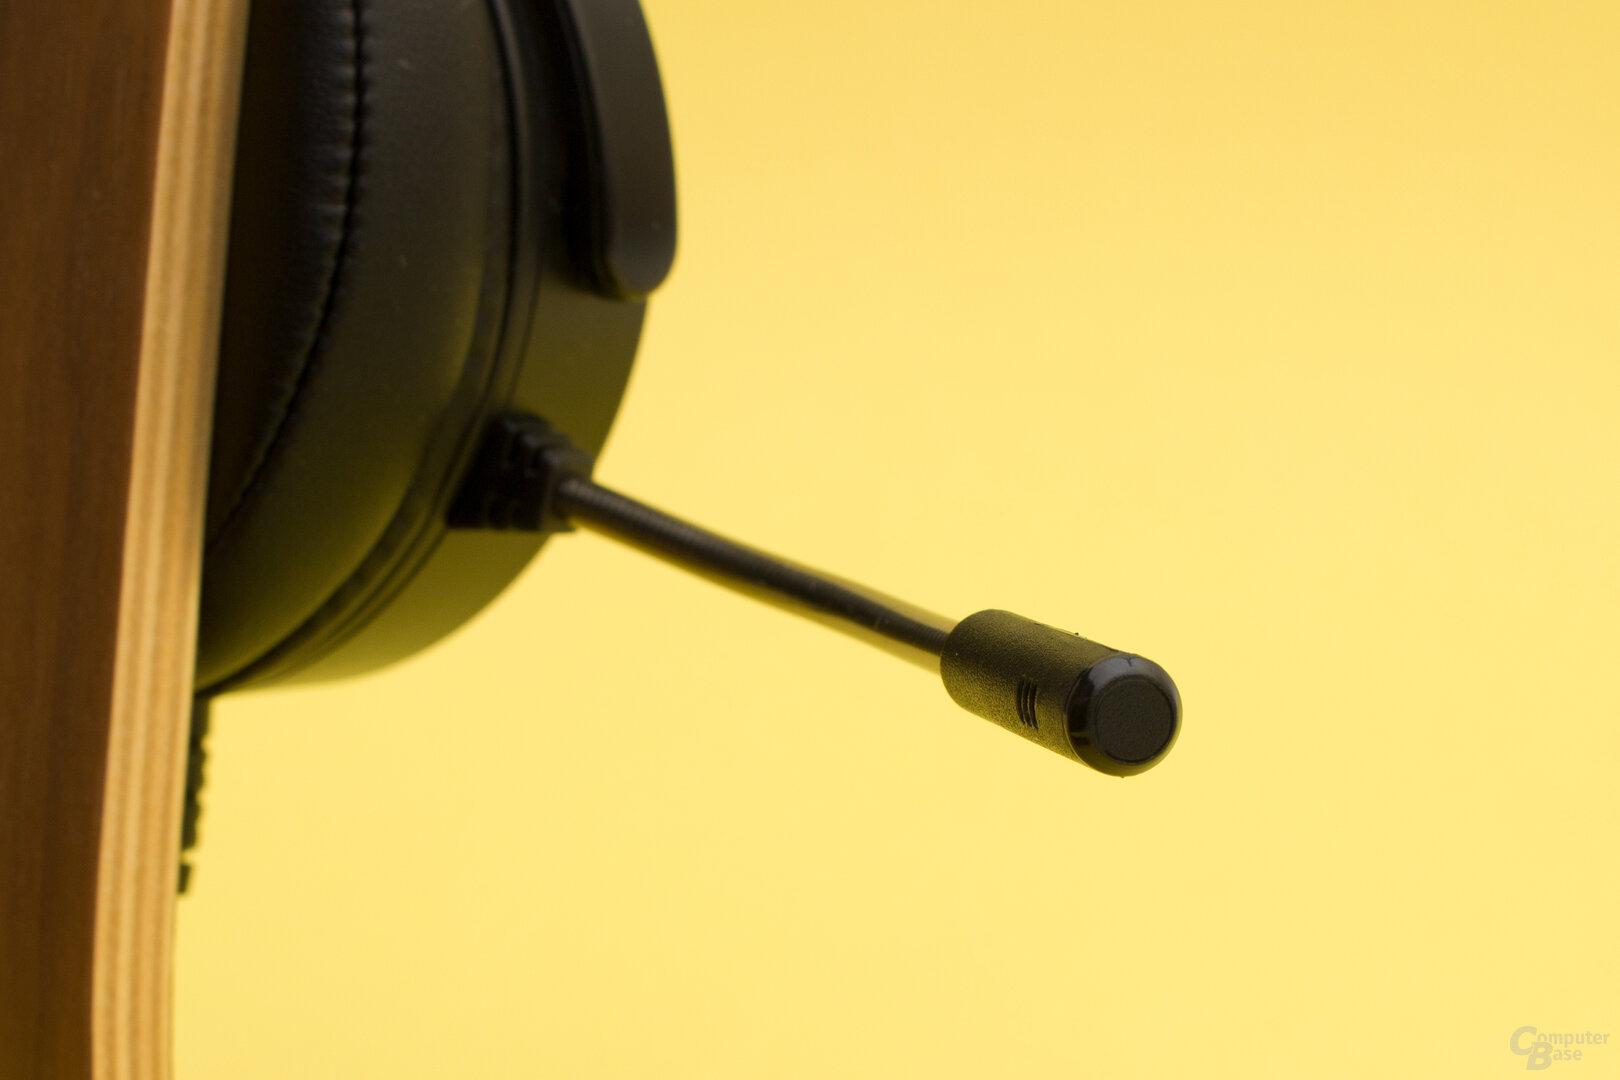 Das Mikrofon des Orios klingt etwas dumpf, ist aber weniger anfällig für Störgeräusche